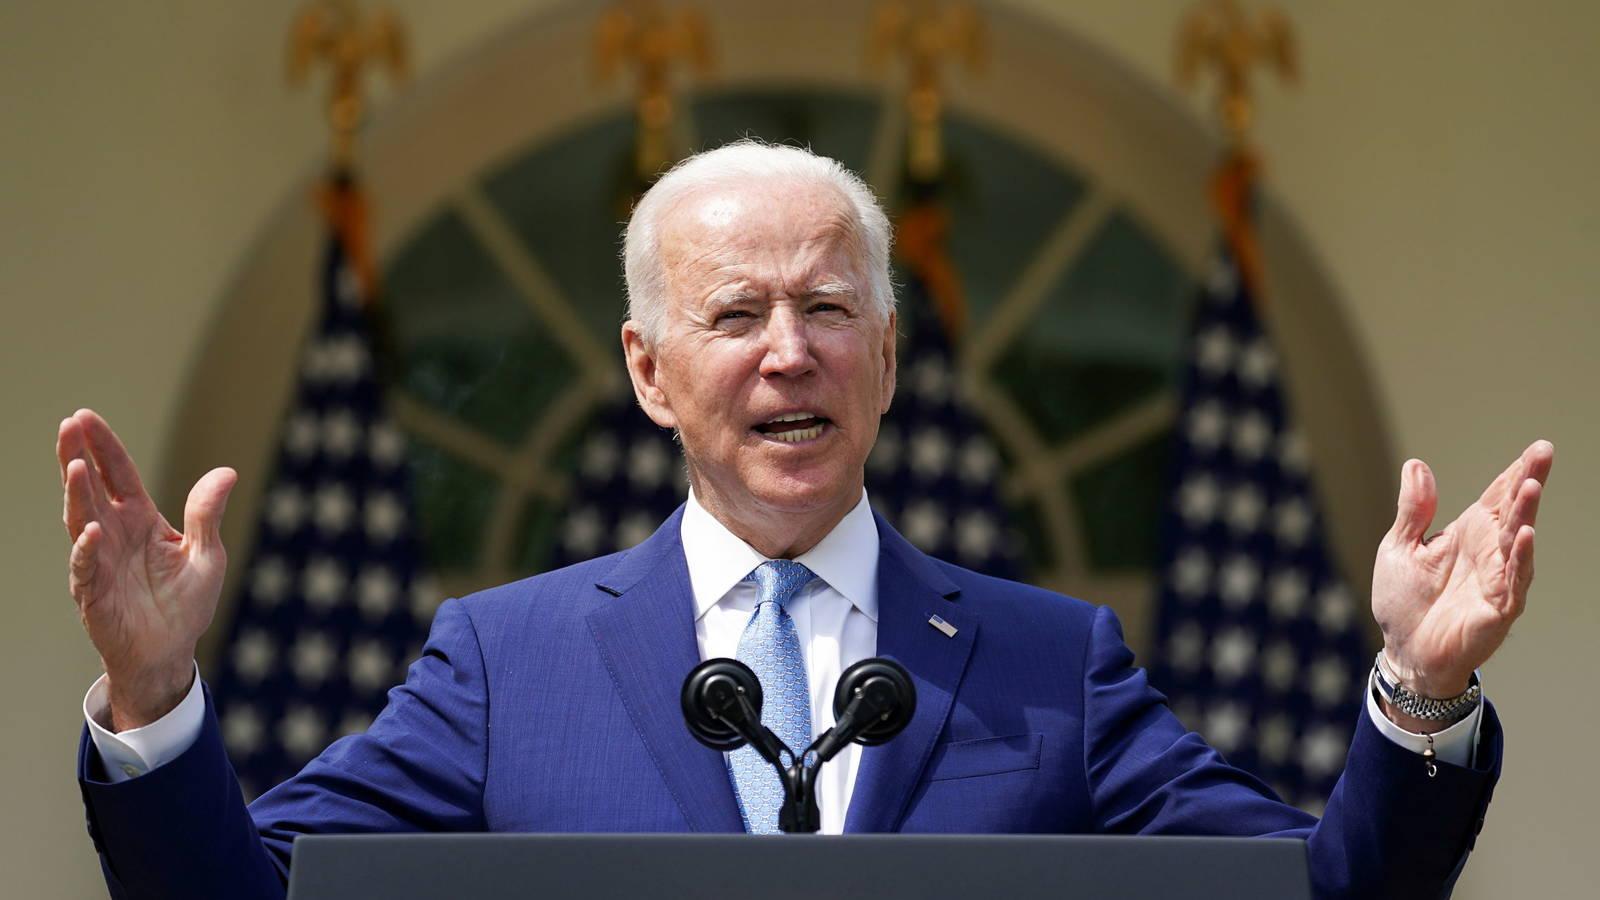 Biden busca combatir el autoritarismo con líderes de Estado mundiales